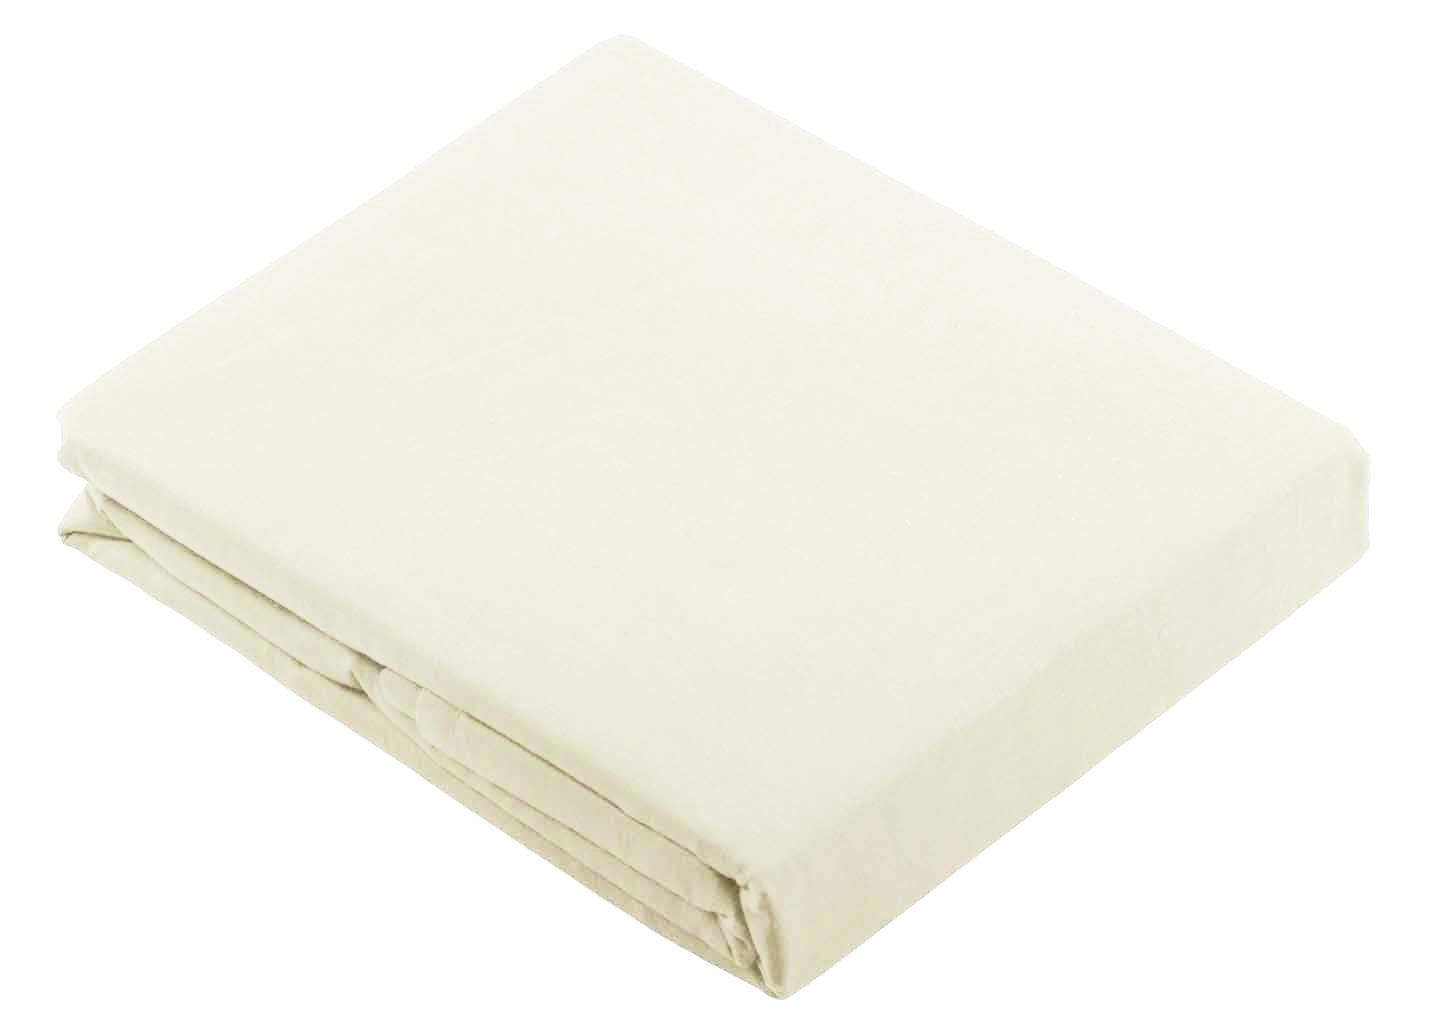 Drap Plat Uni en 100 % Coton - Blanc - 240 x 310 cm